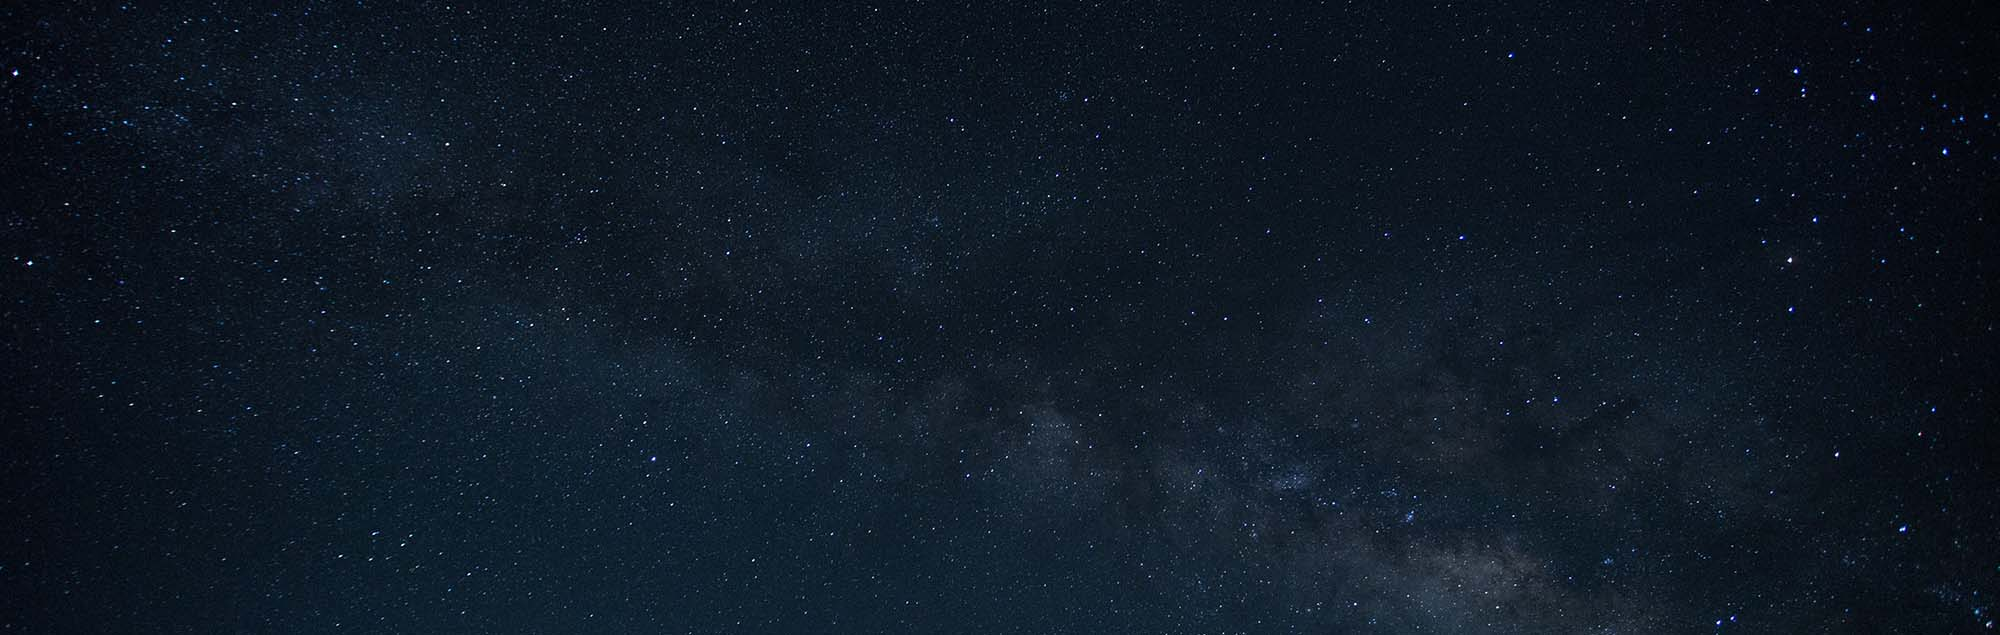 space-dark-min